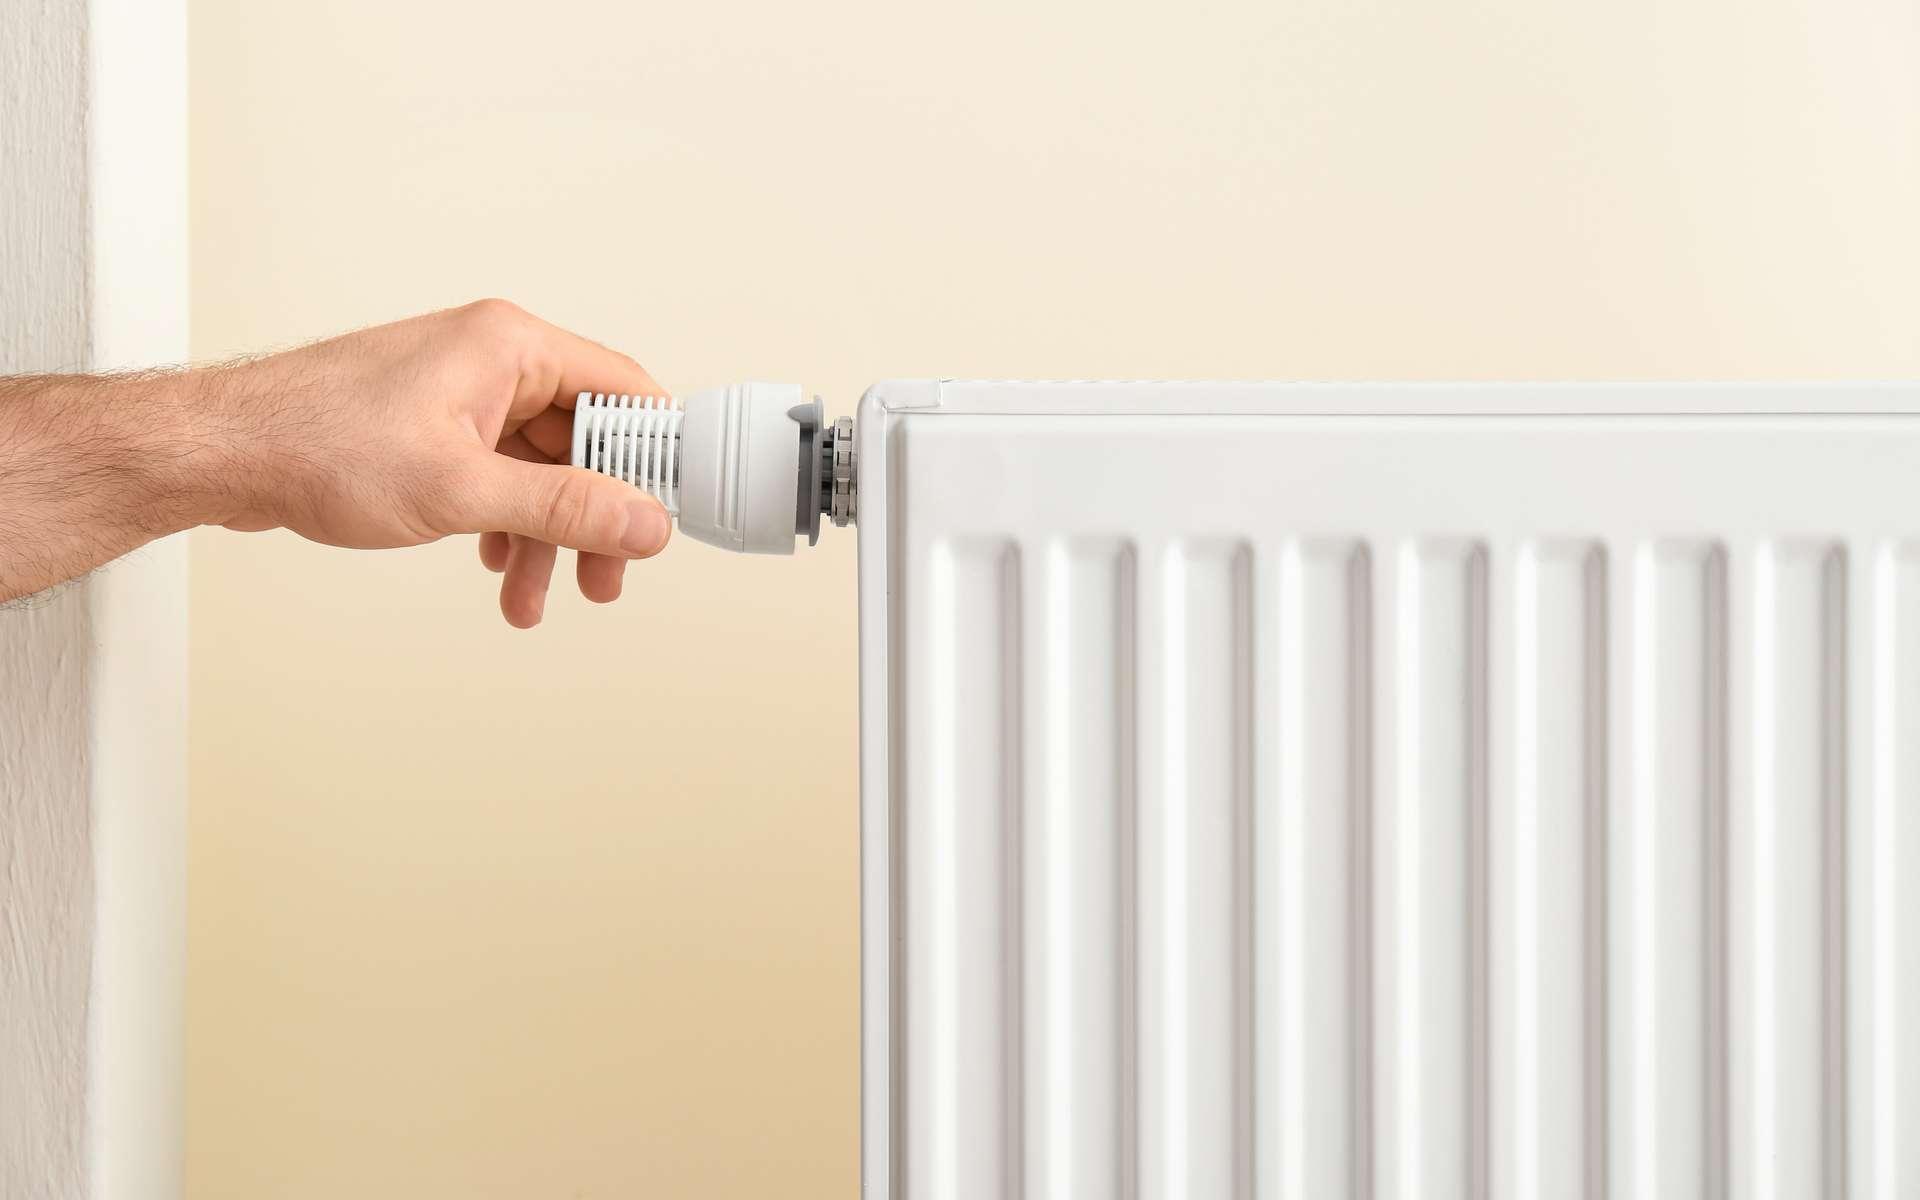 Le choix du radiateur dépend de l'usage de la pièce et de l'isolation du logement. © New Africa, Adobe Stock